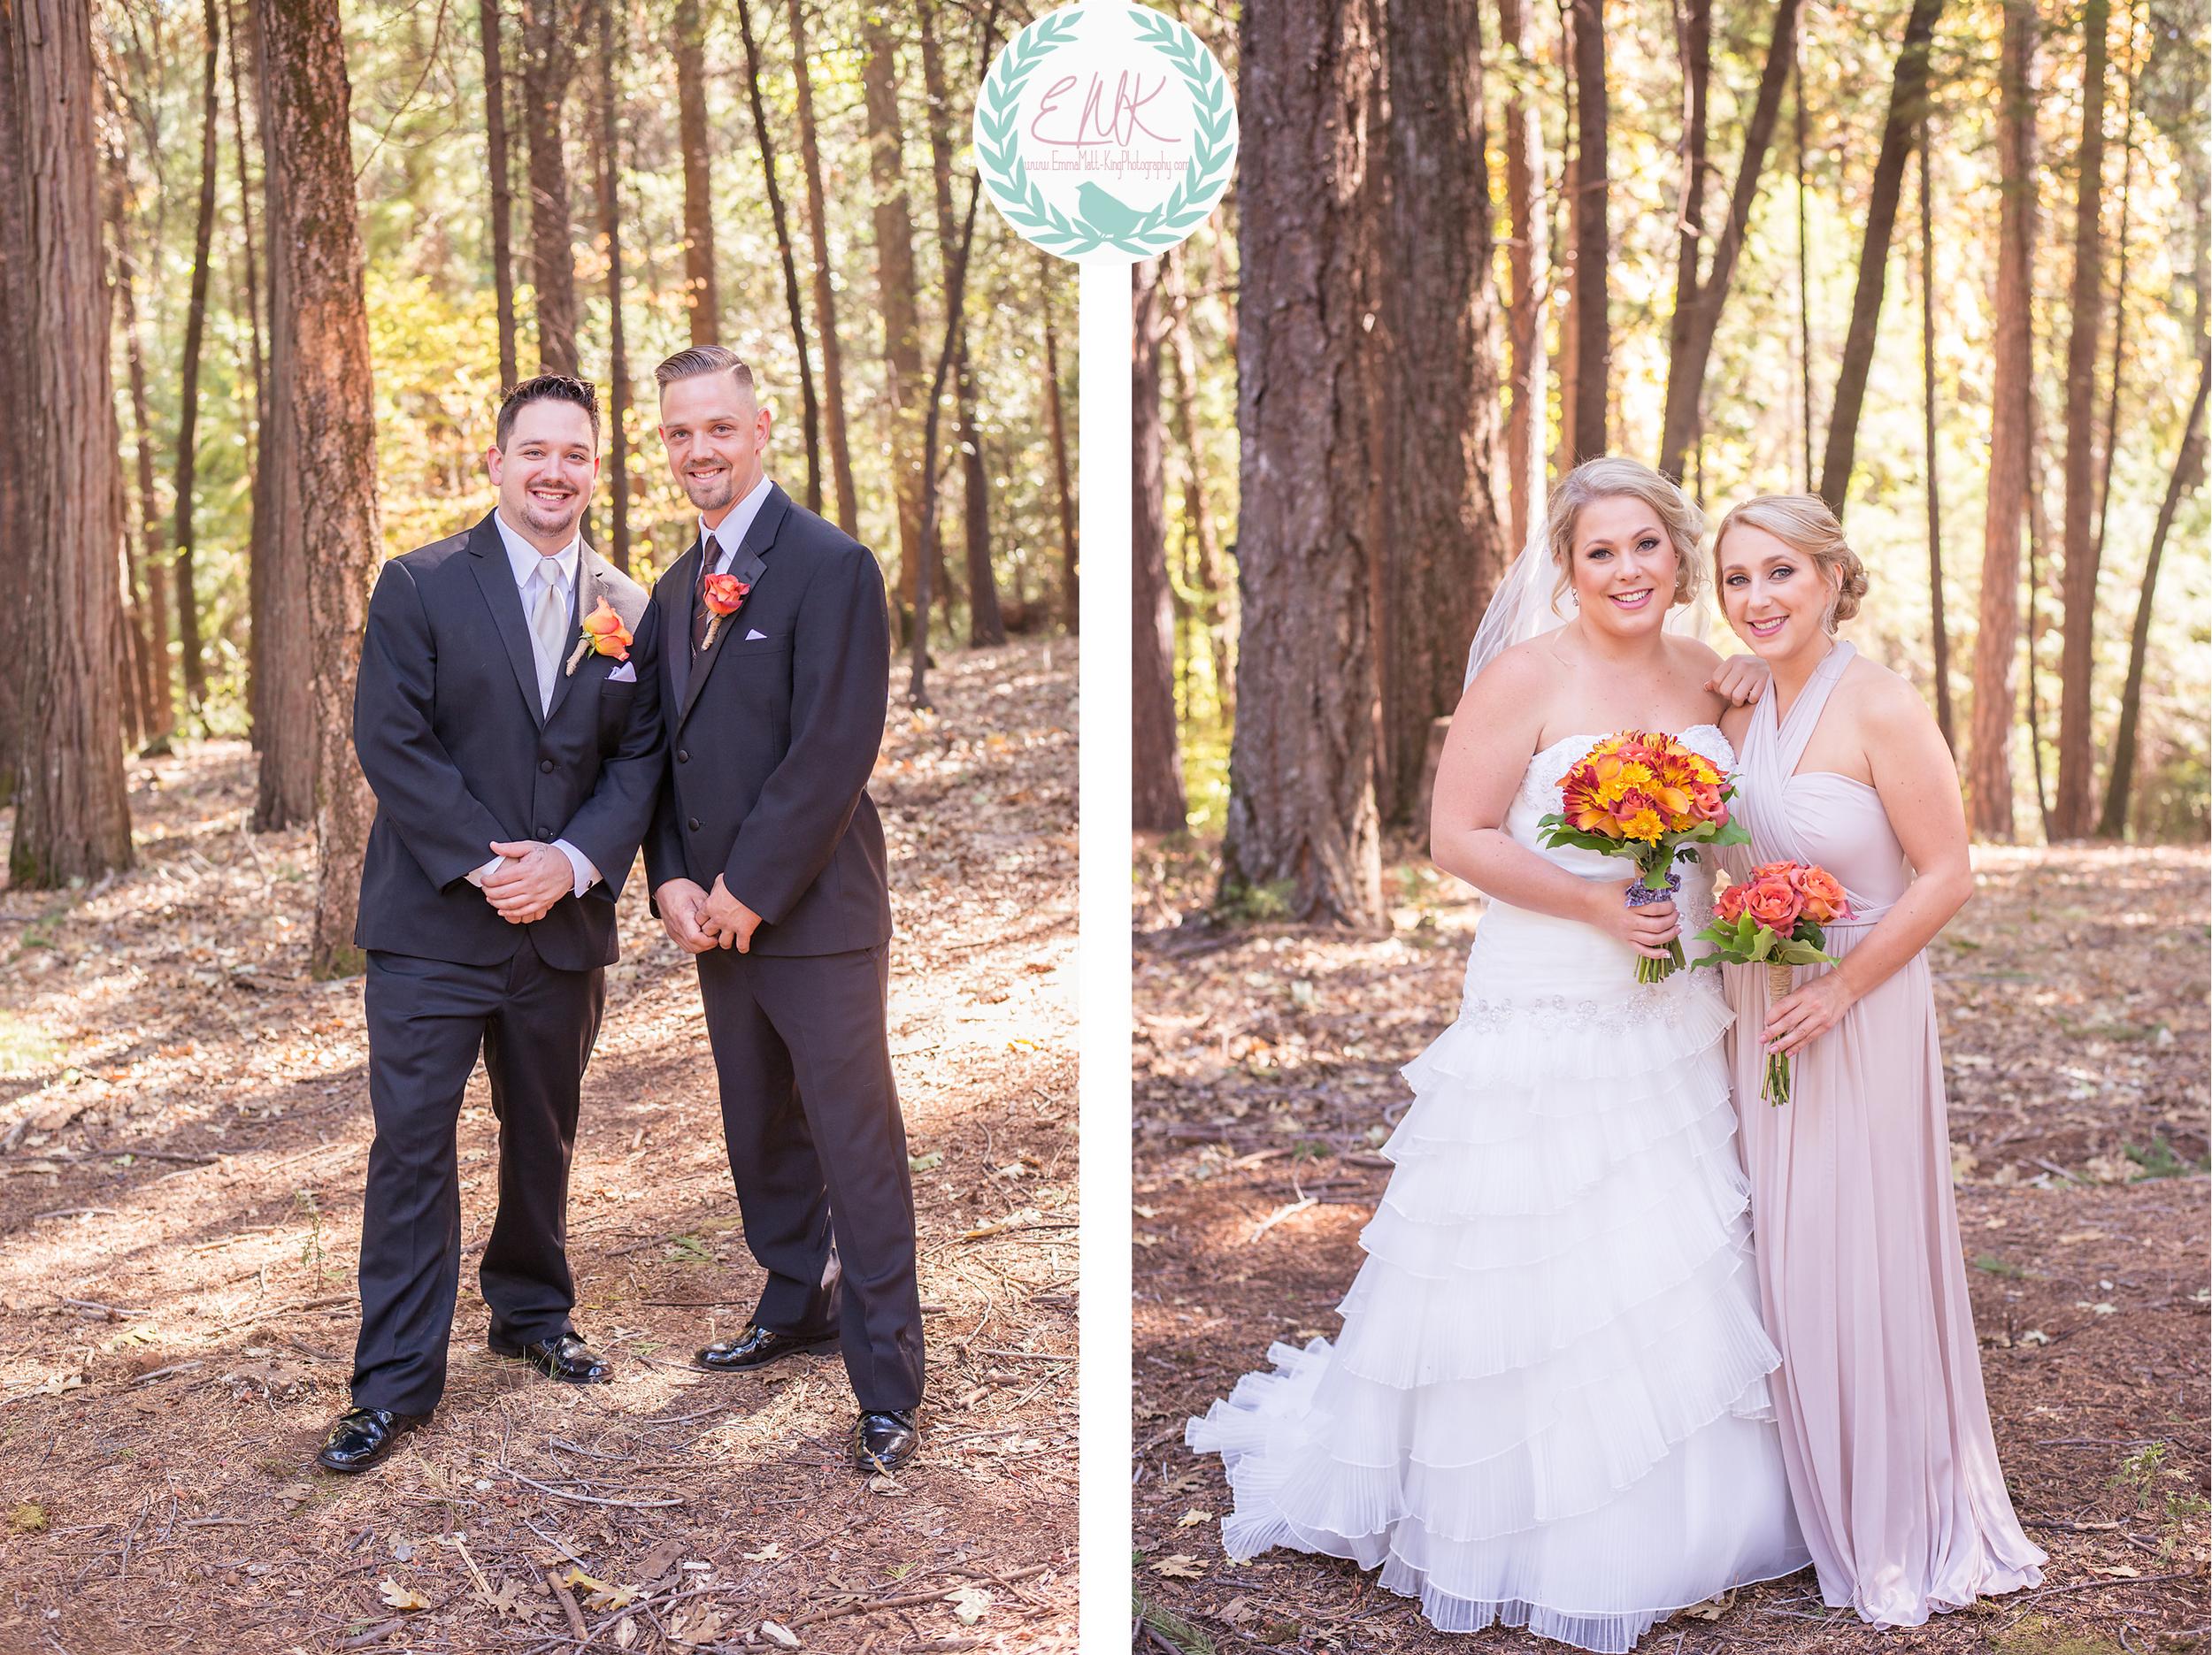 Waters Wedding EMKPhotography -20.jpg